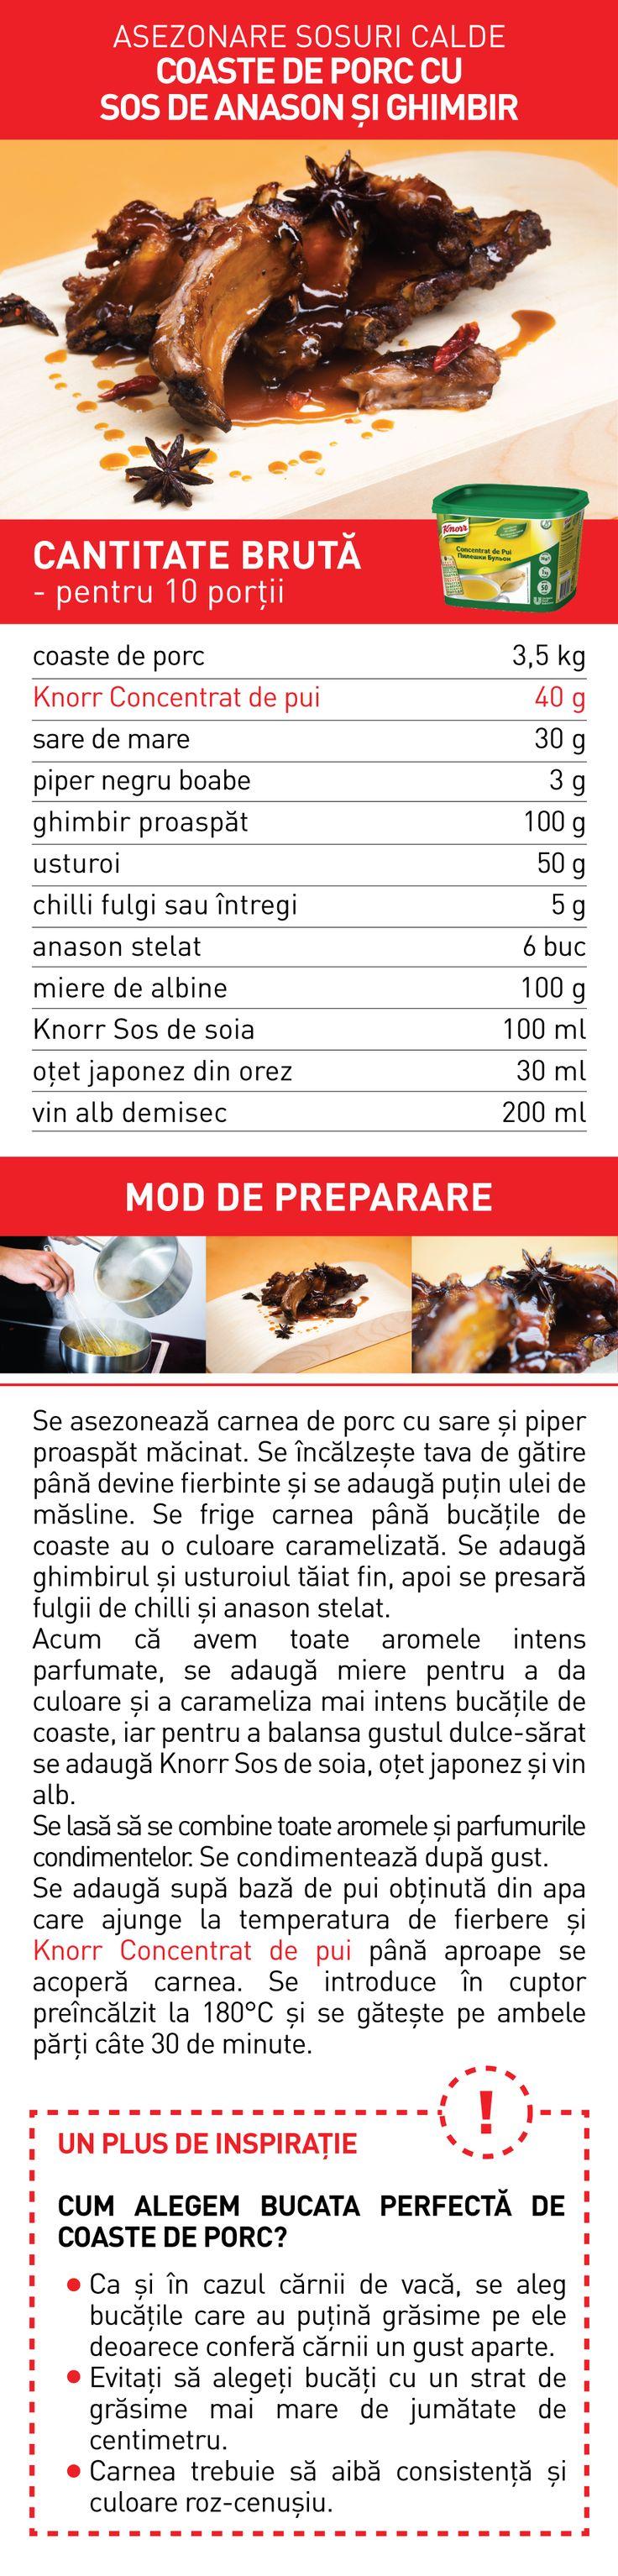 Asezonare sosuri calde (II) - RETETE